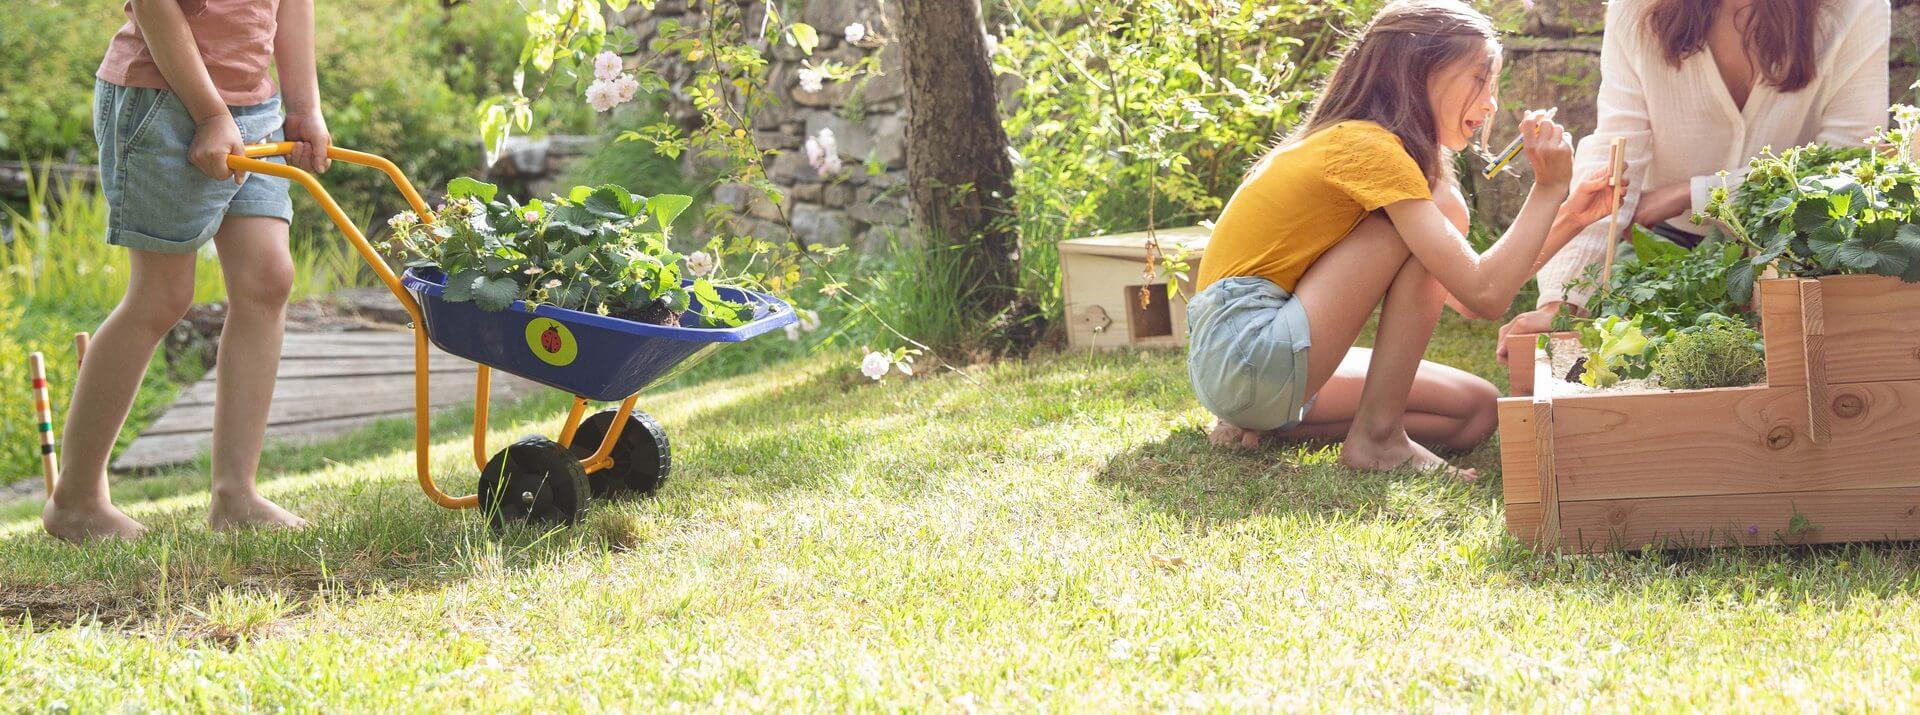 Brouettes de jardin, chariots et accessoires